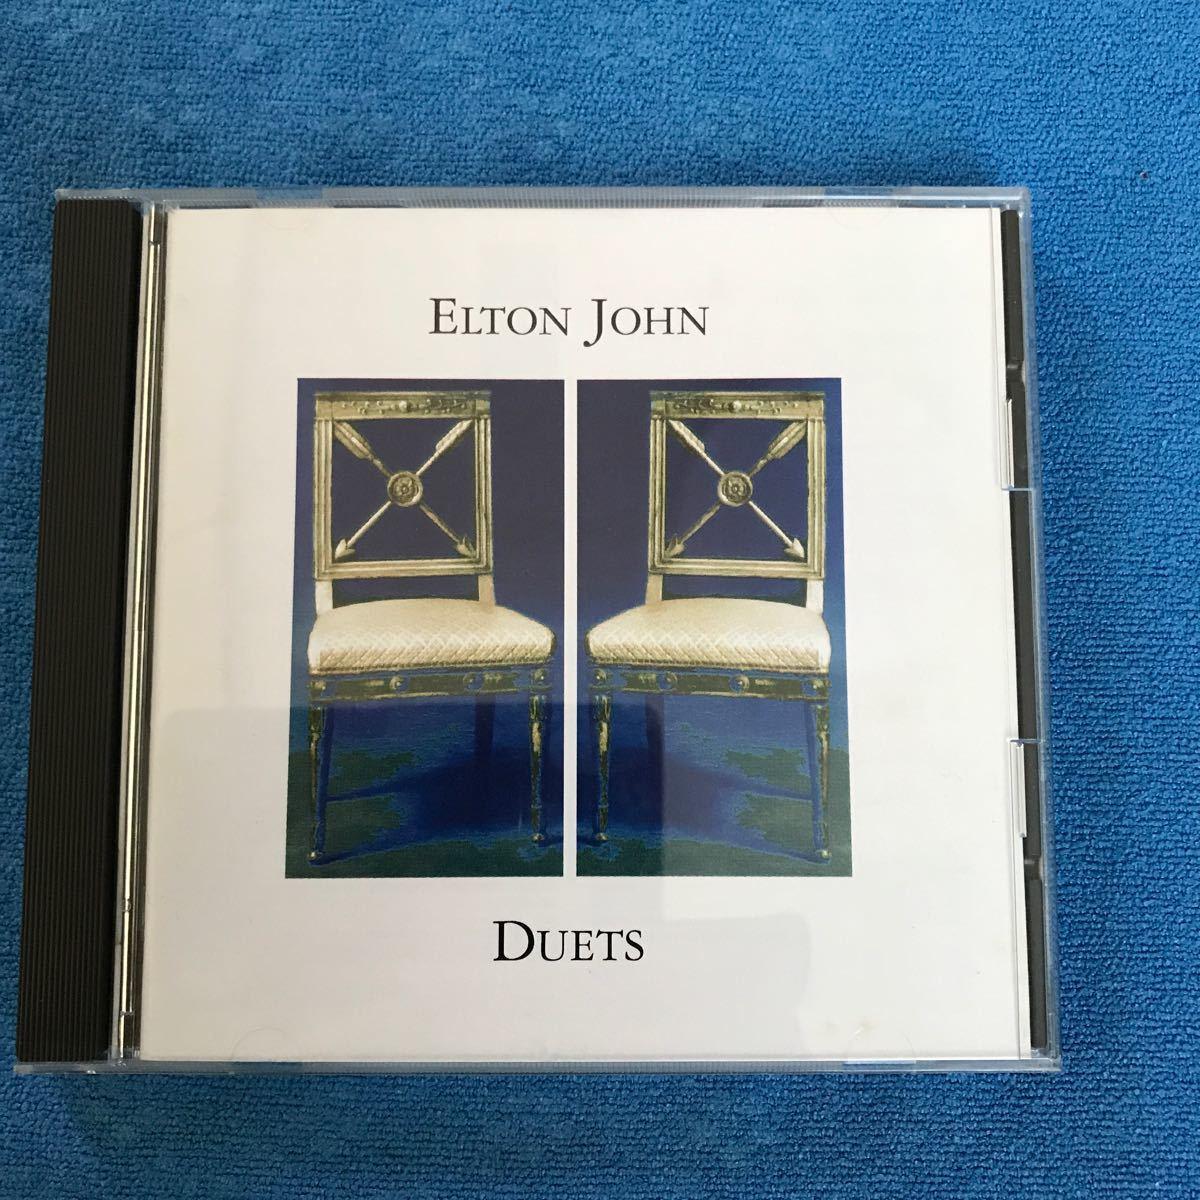 エルトンジョン CD   DUETS